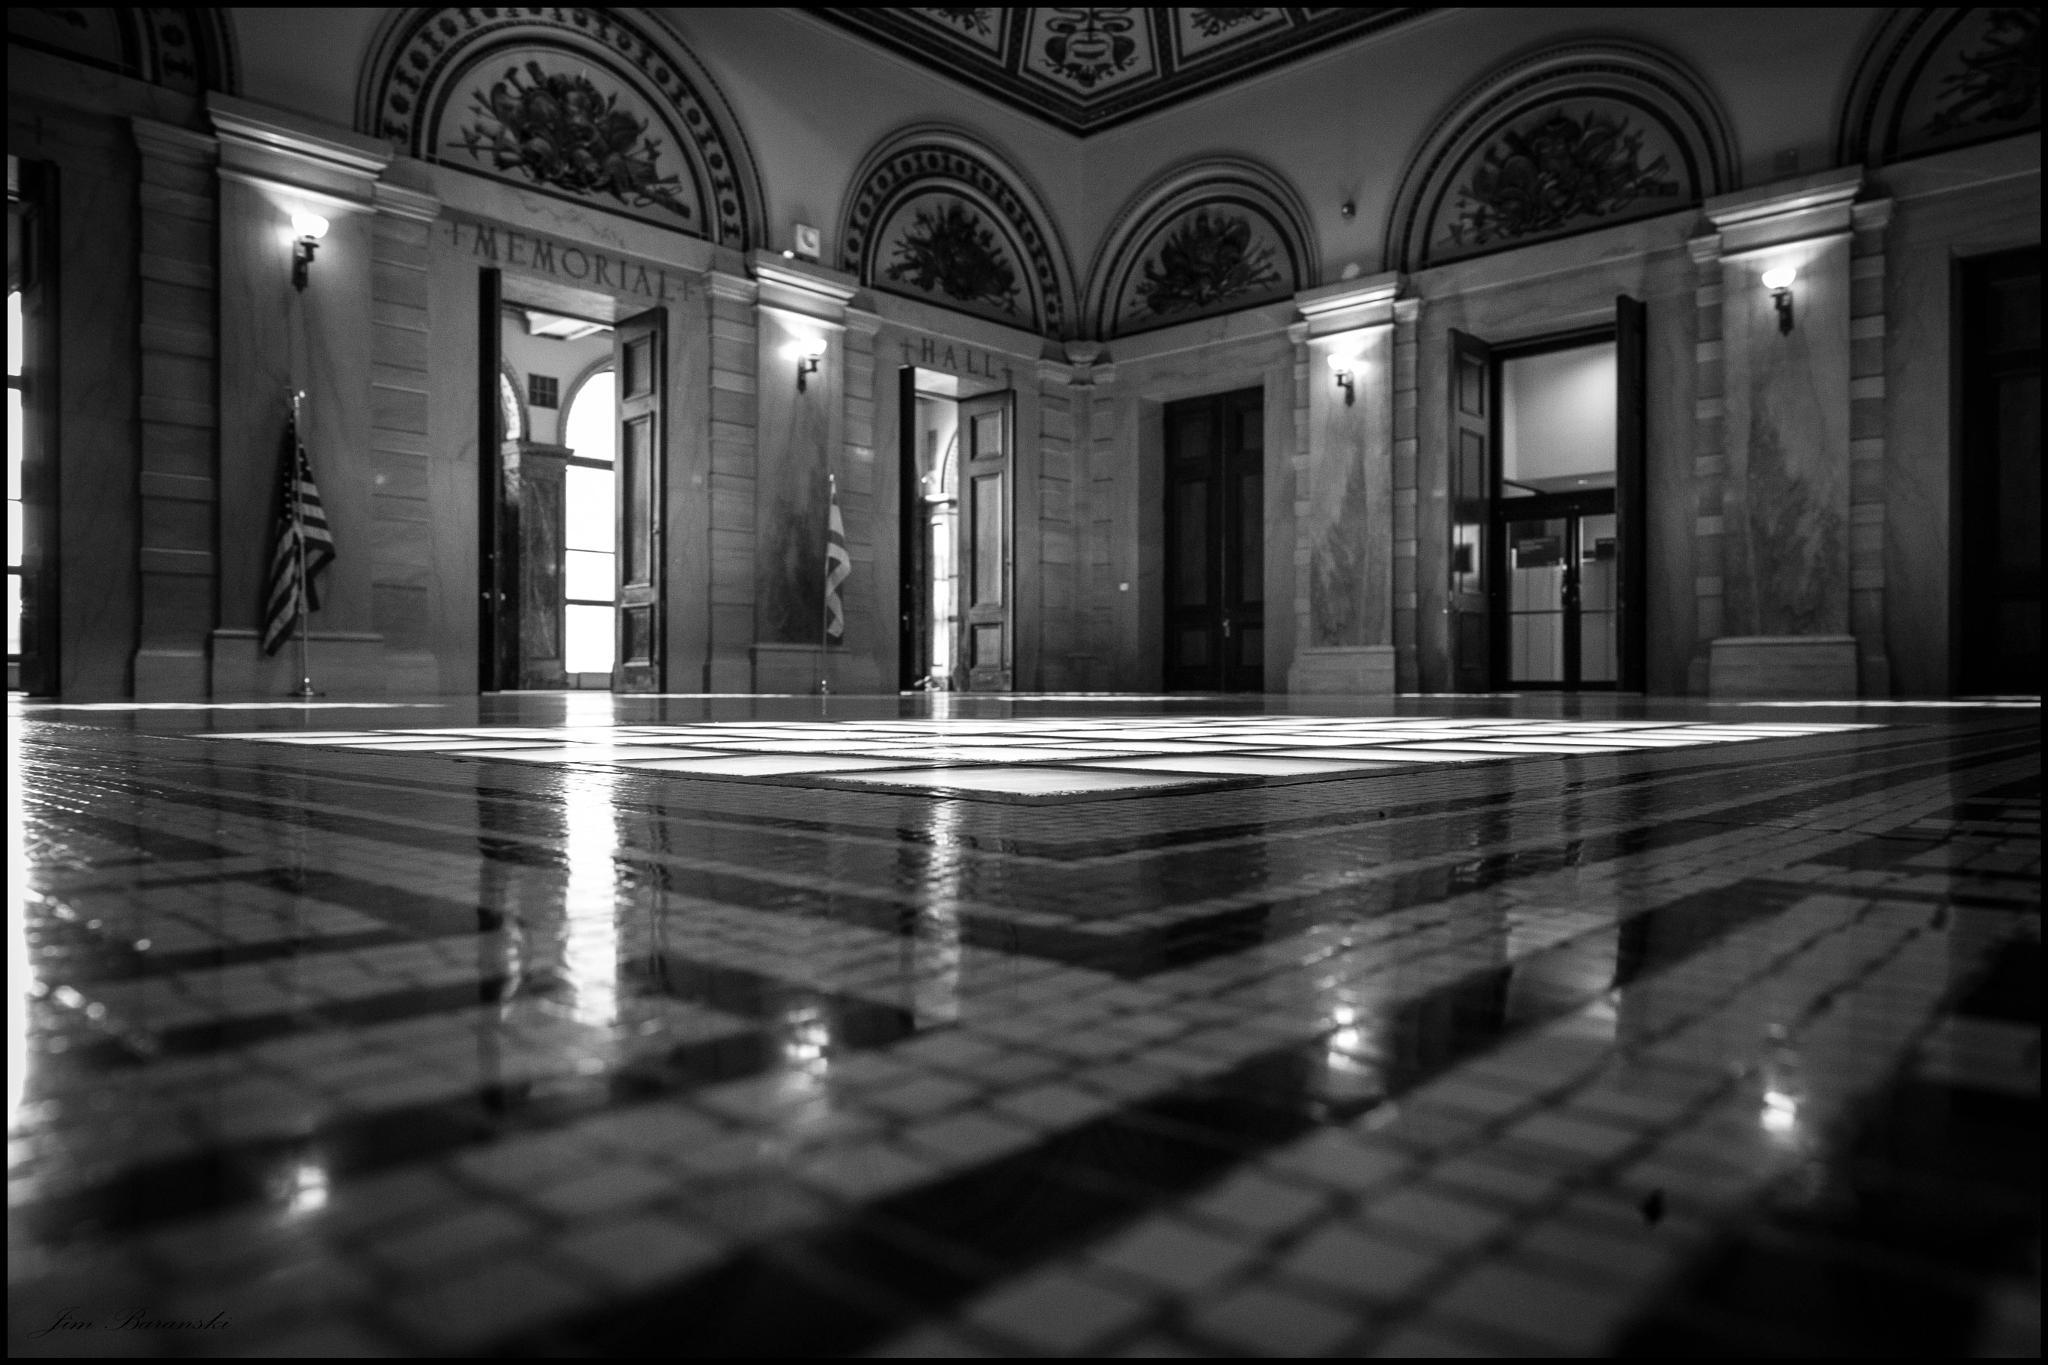 Light the floor by james.baranski.96